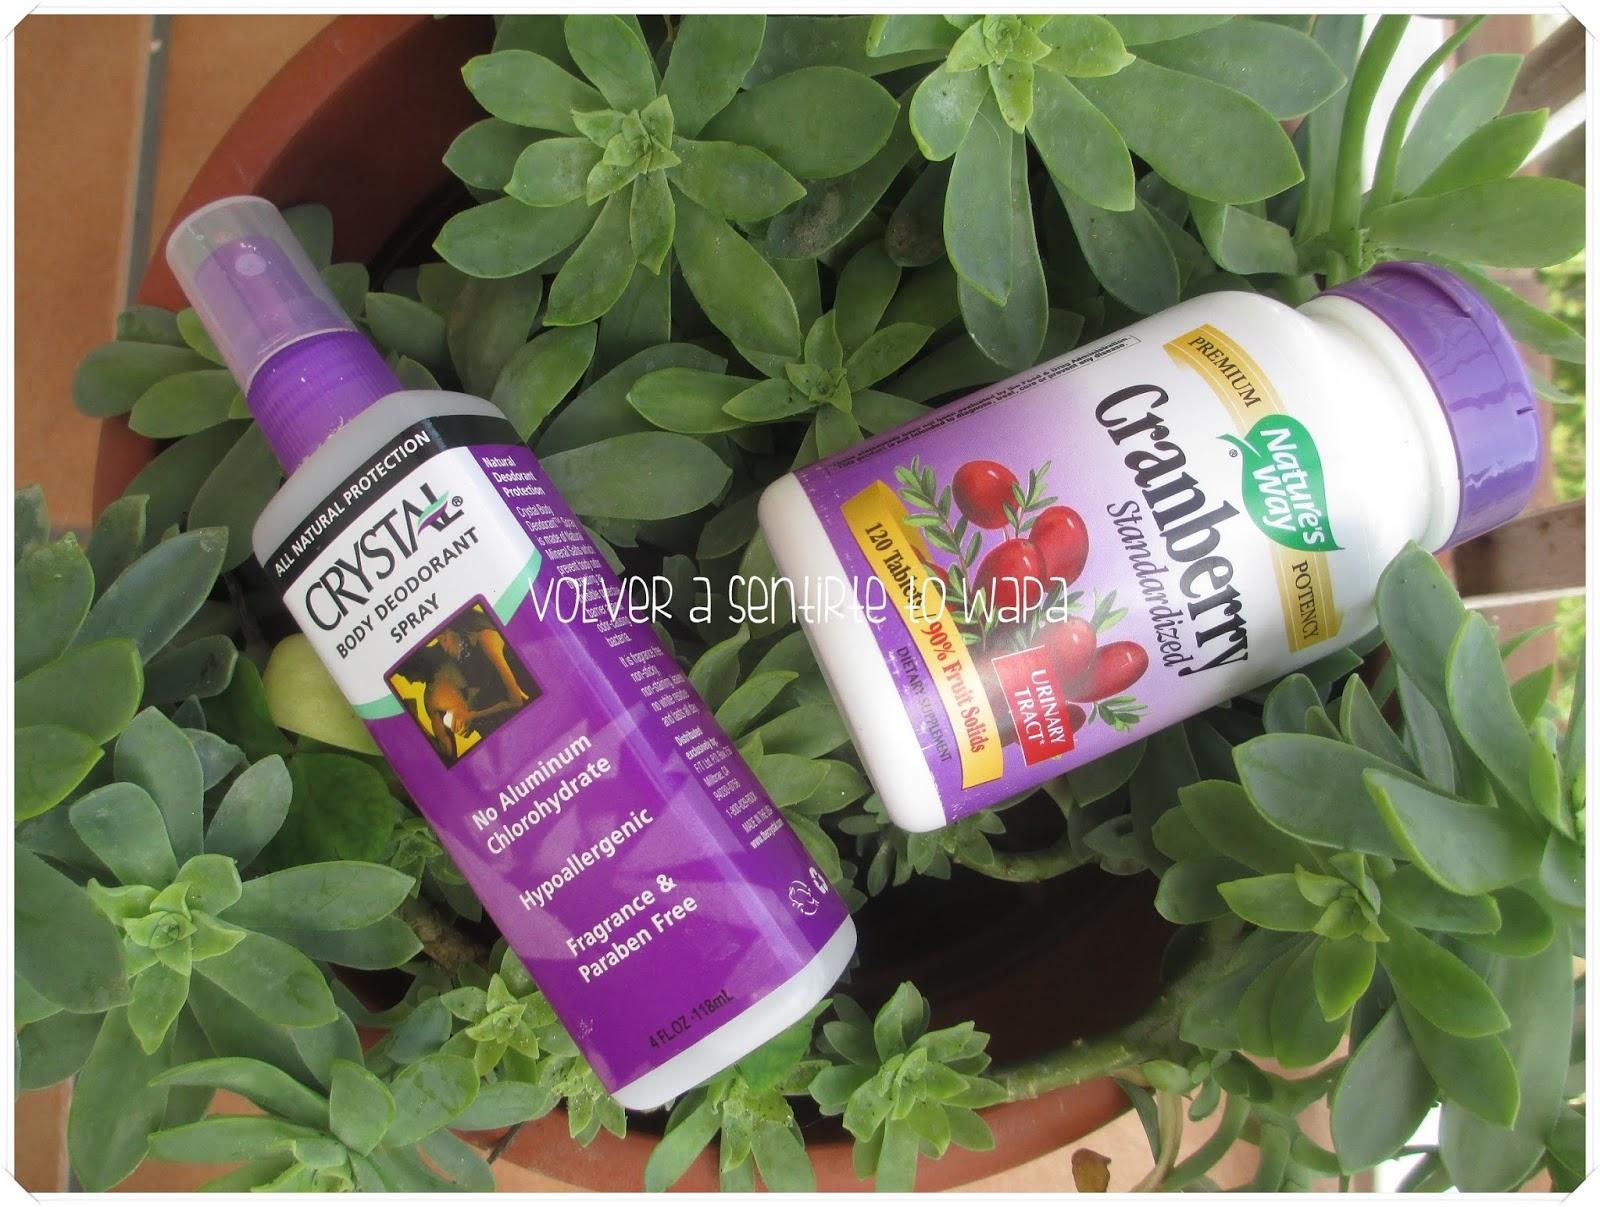 Compras de favoritos de iHerb - cápsulas de arándanos y desodorante sin aluminio